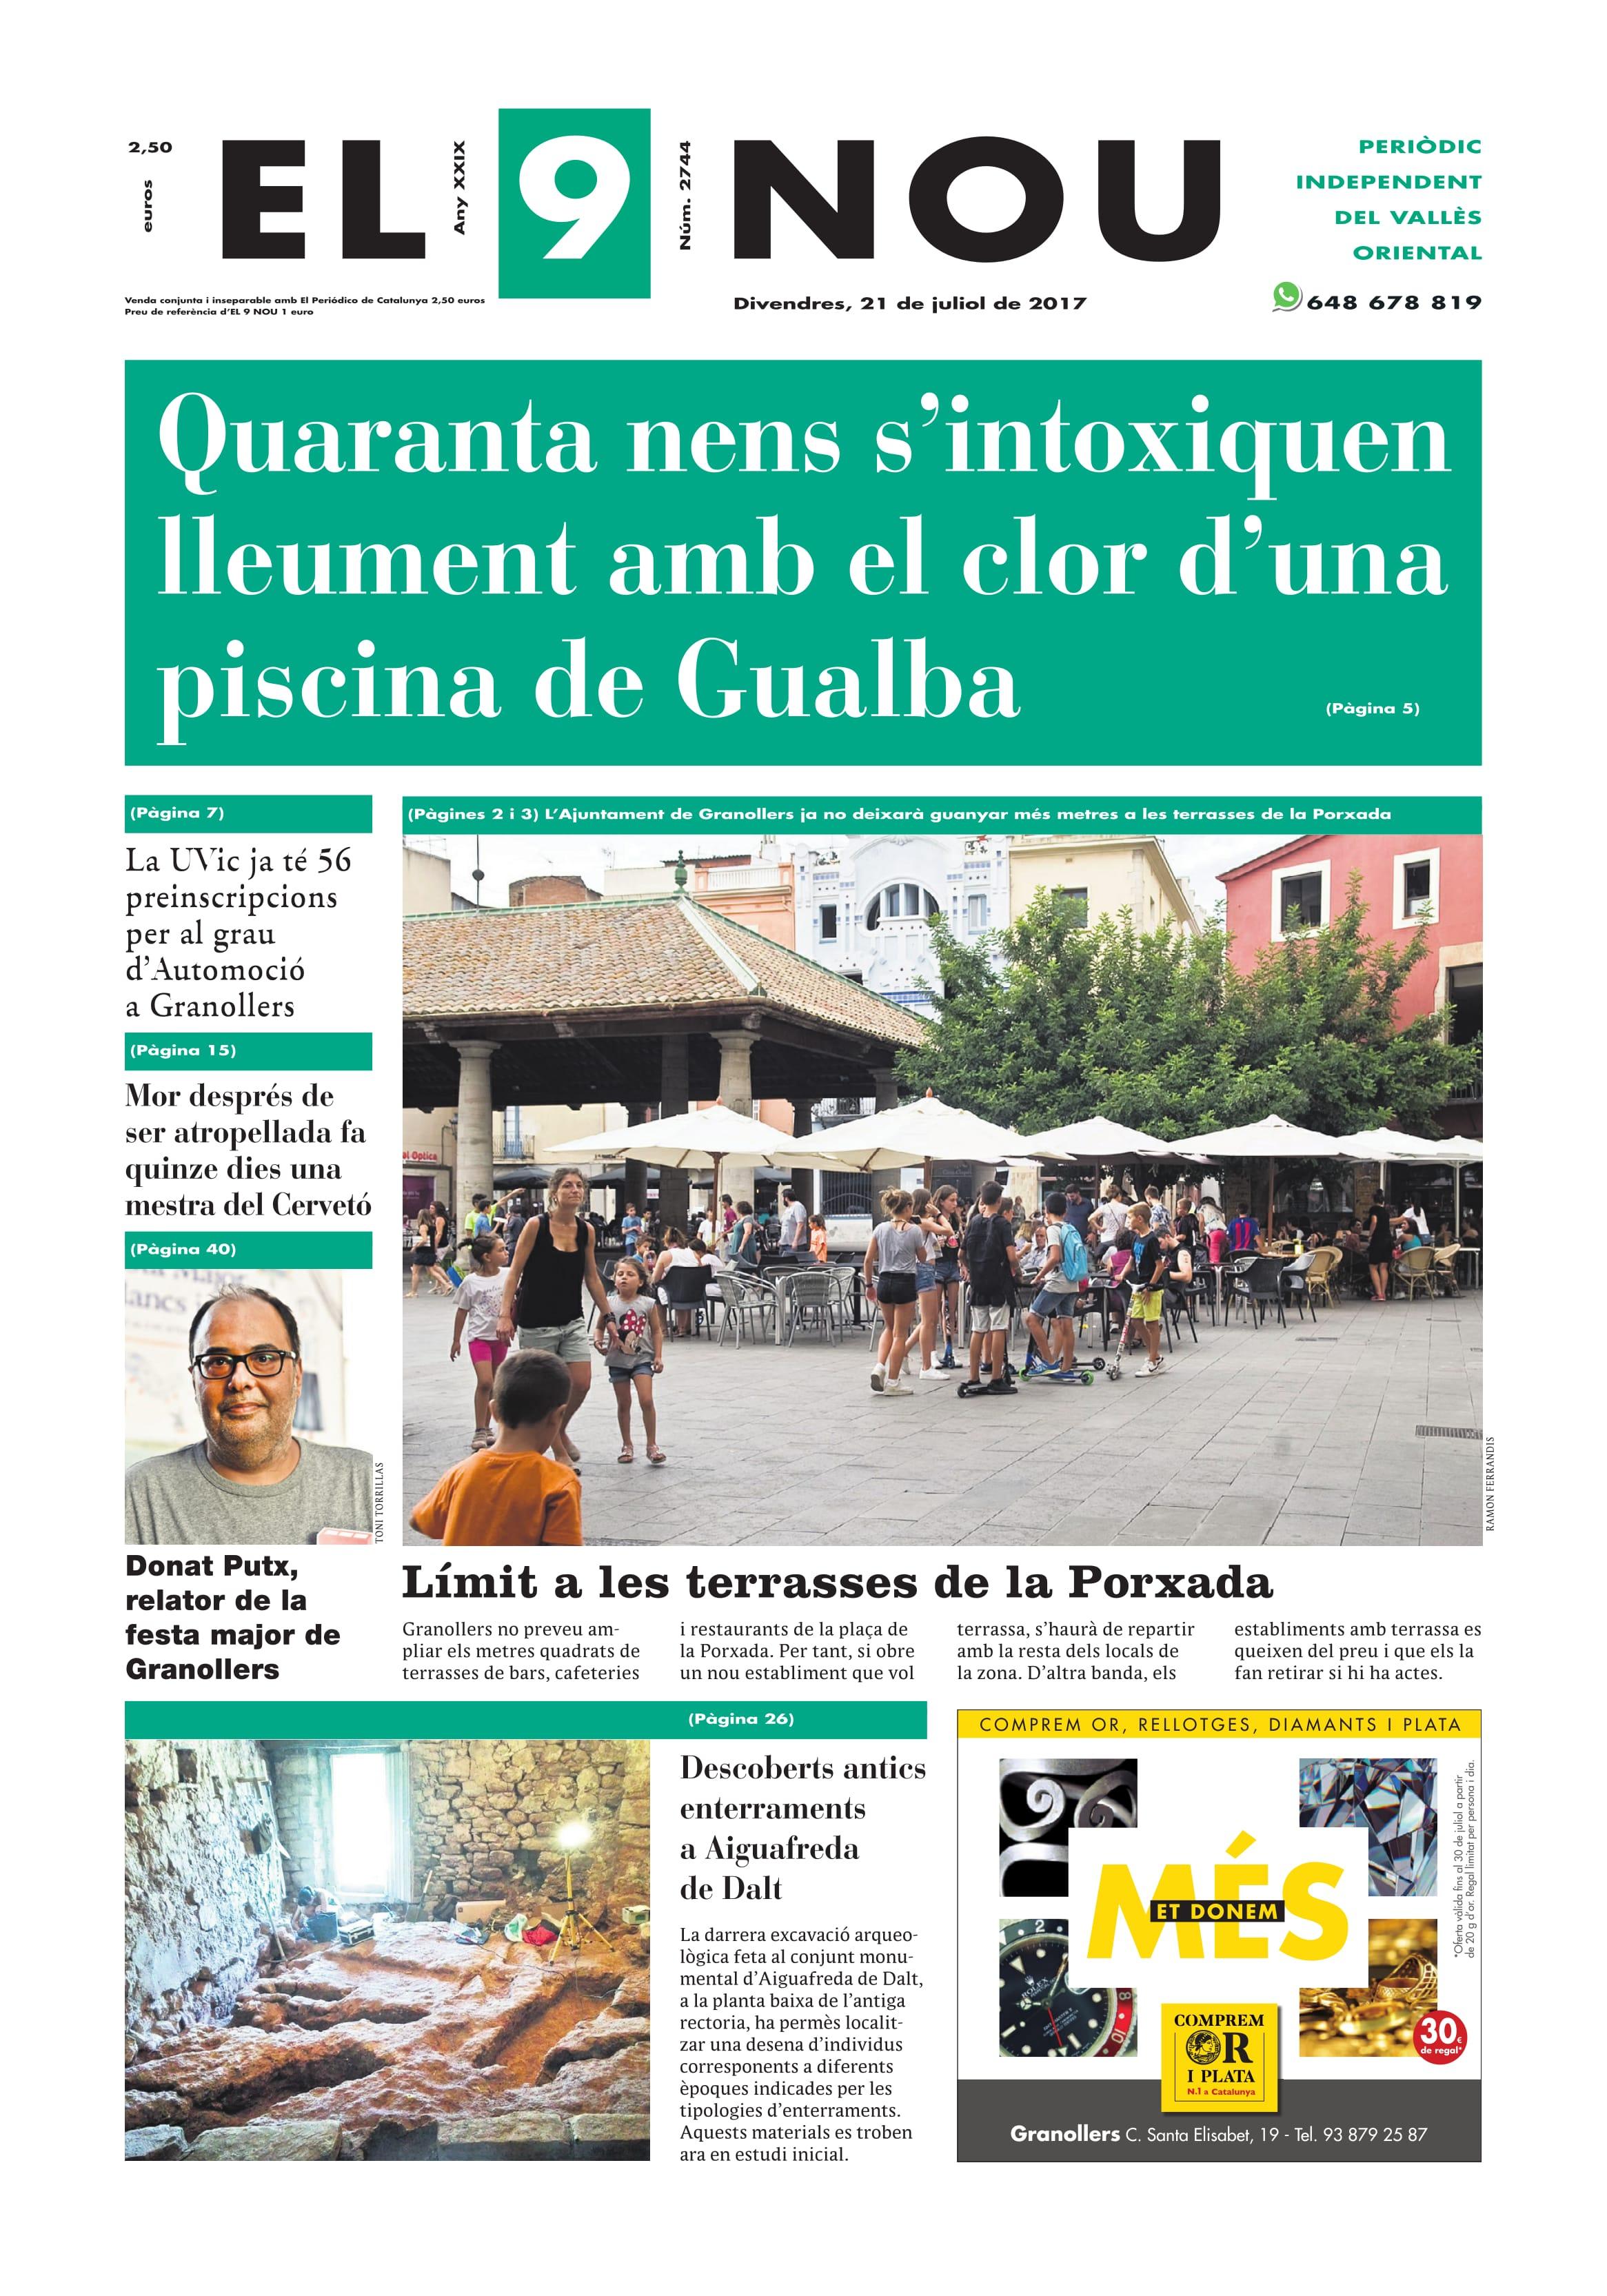 La portada del divendres 21 de juliol de 2017